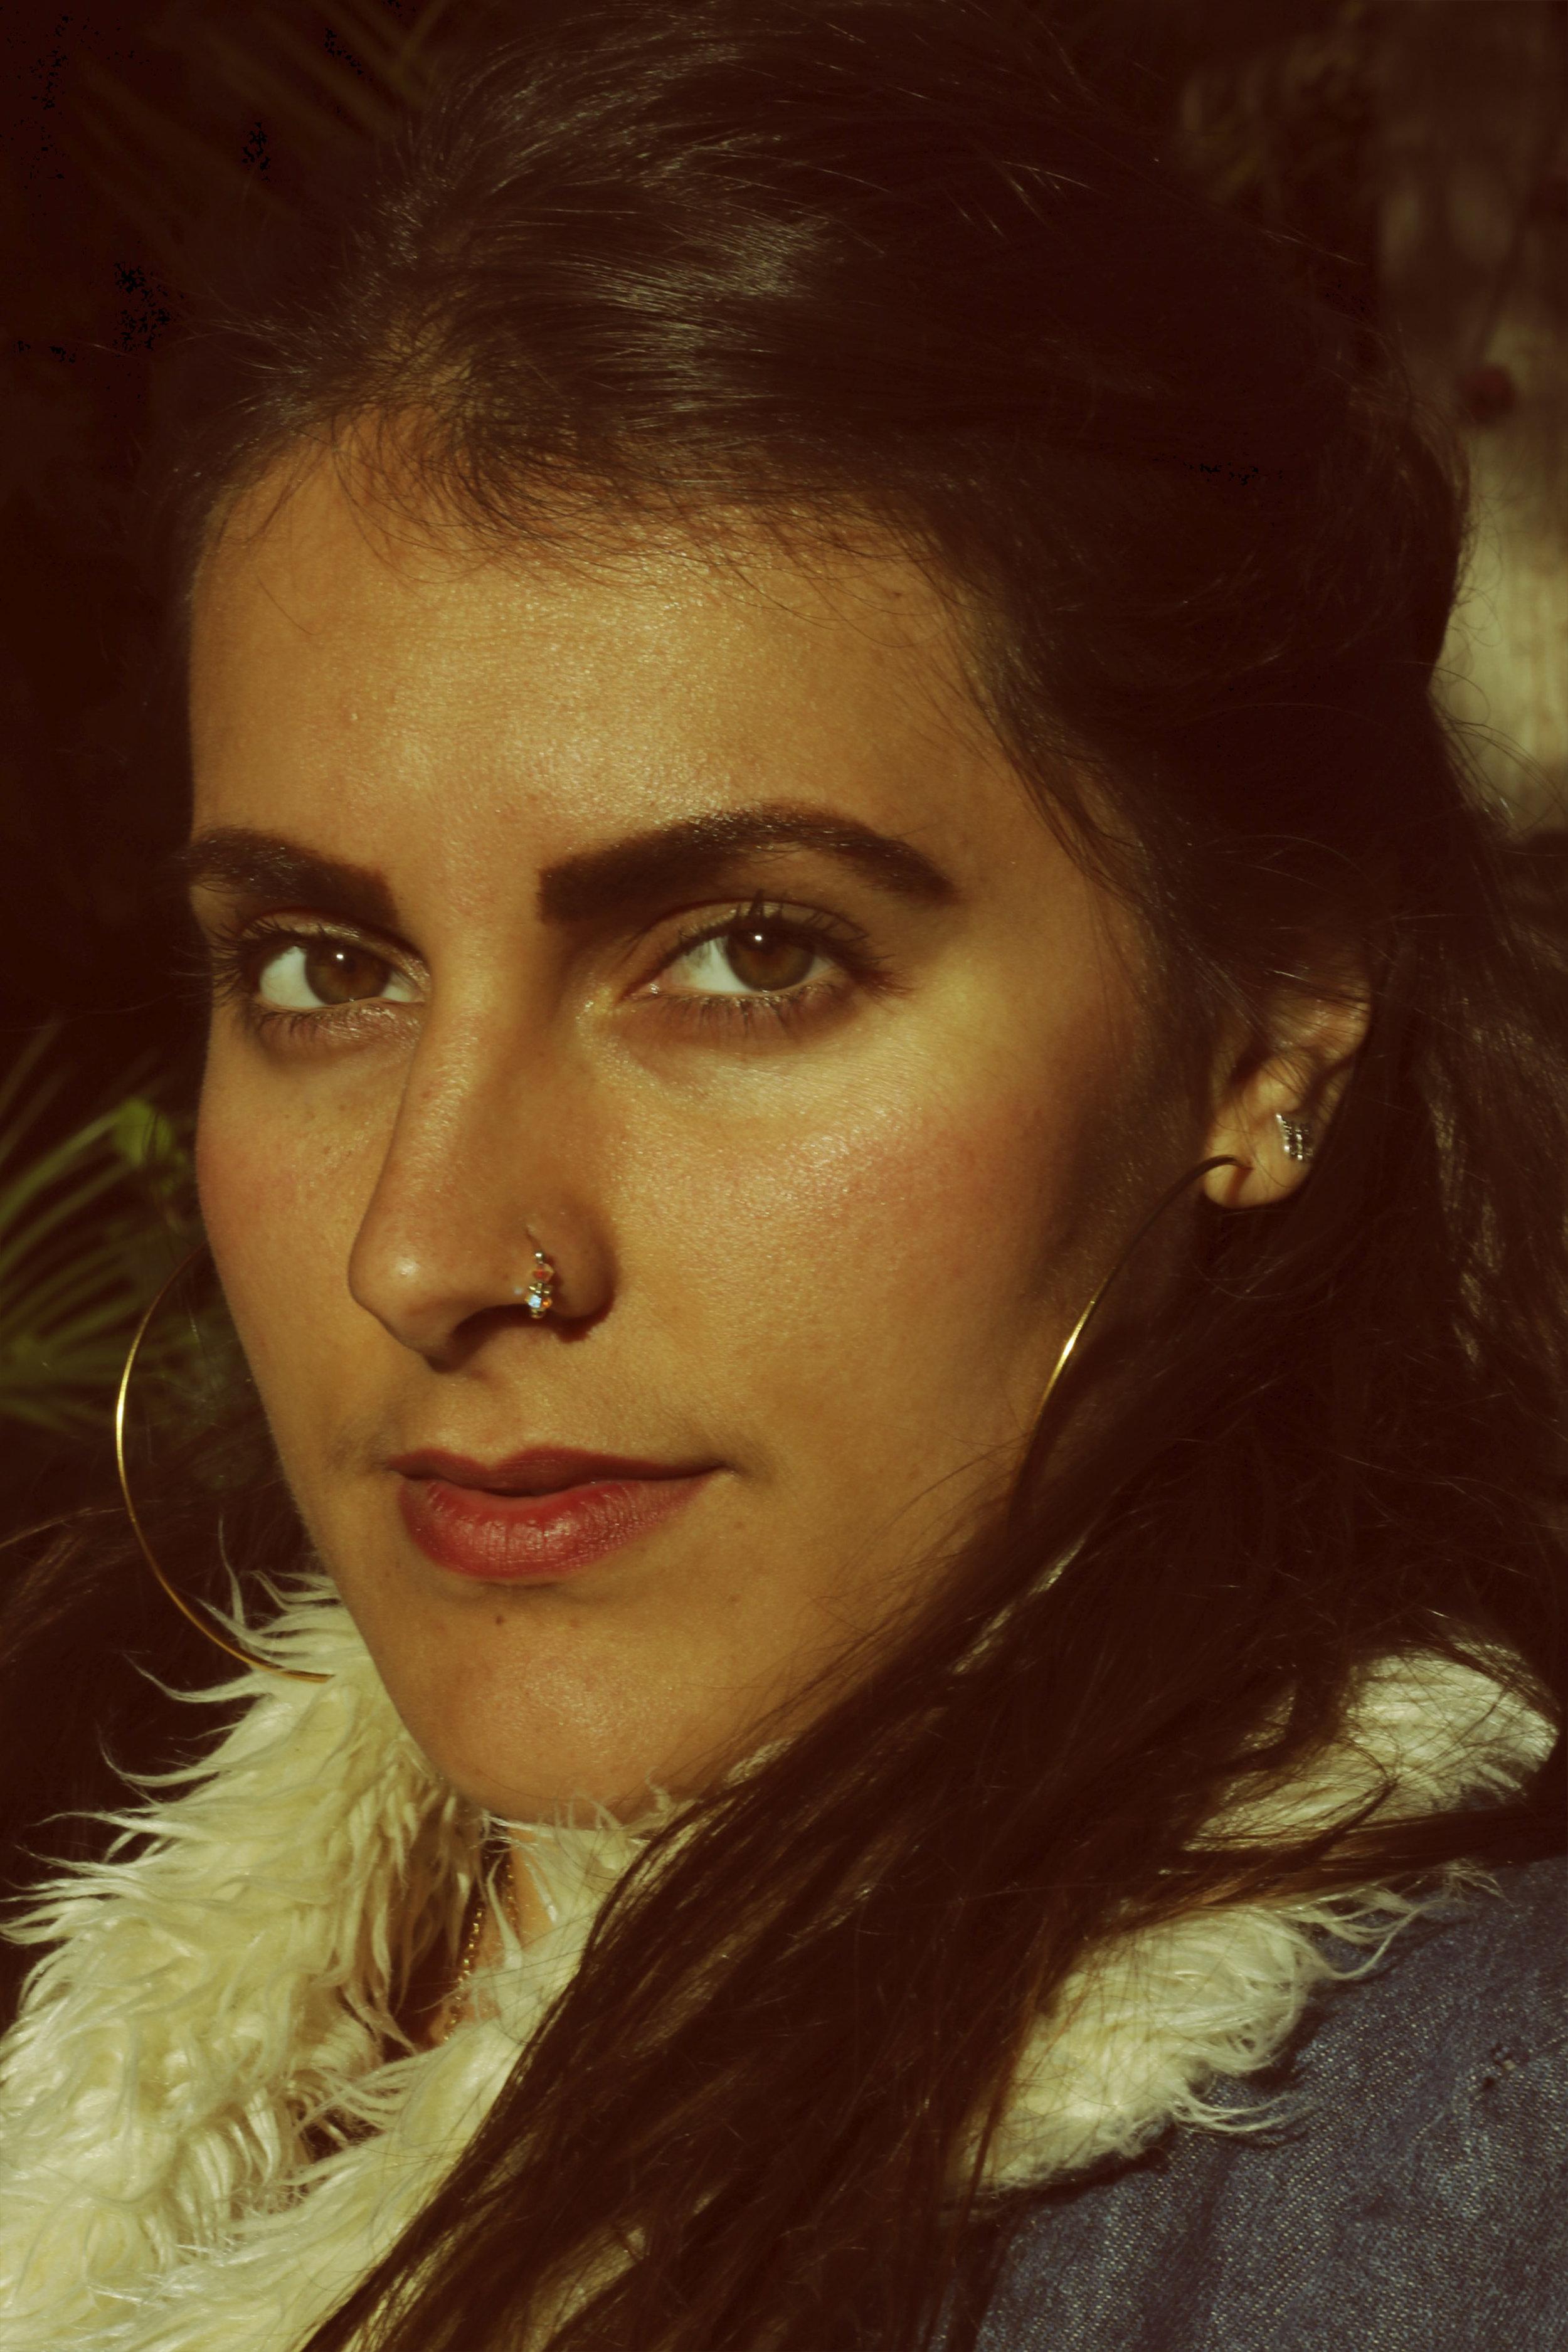 Marina @ecogoddess for Eyes&Edge